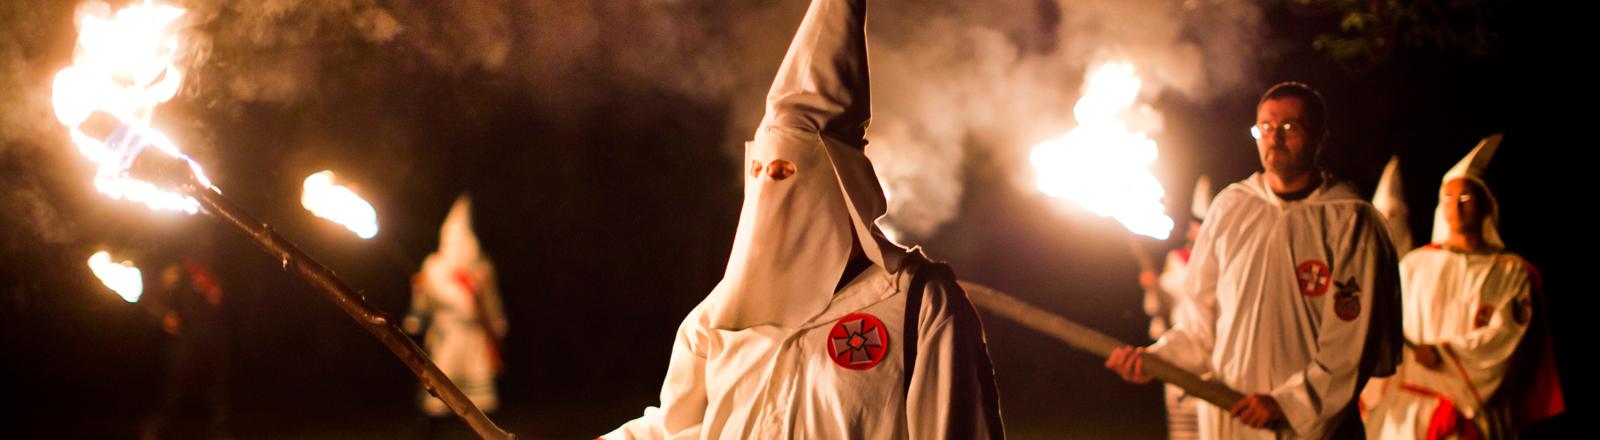 Mitglieder des Ku-Klux-Klans mit brennender Fackel